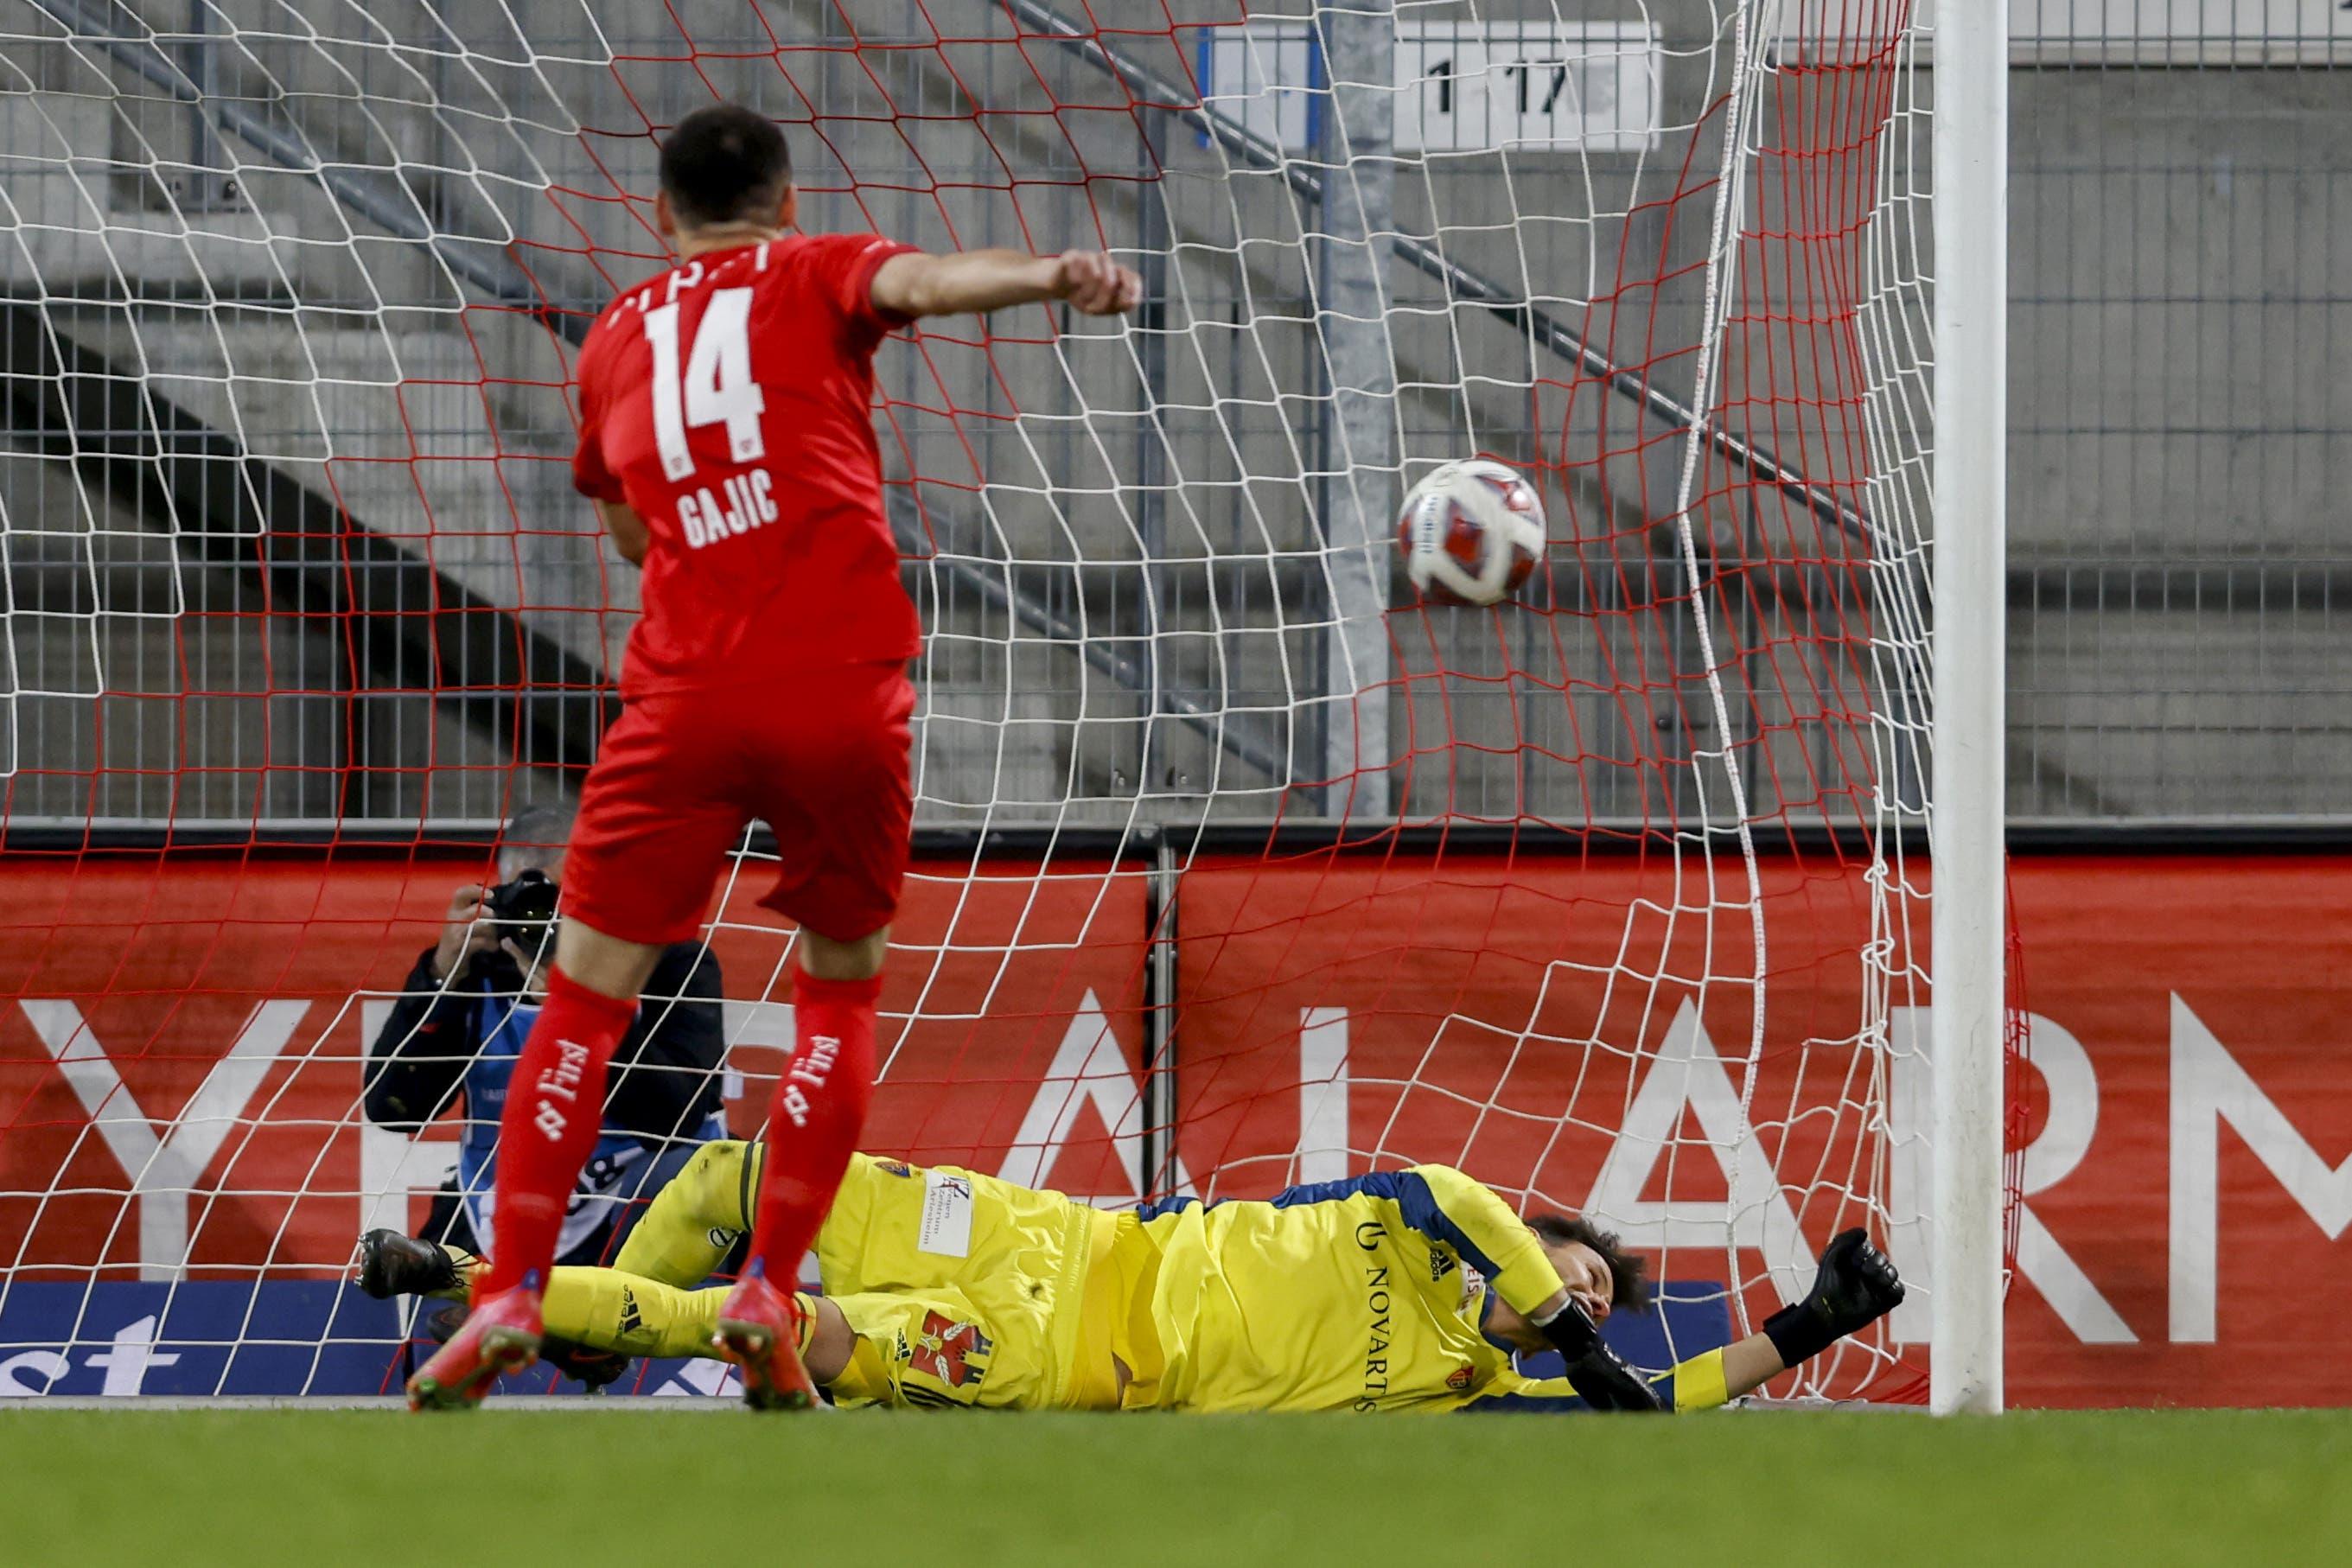 Gegen den Penalty von Milan Gajic hat Heinz Lindner keine Chance.